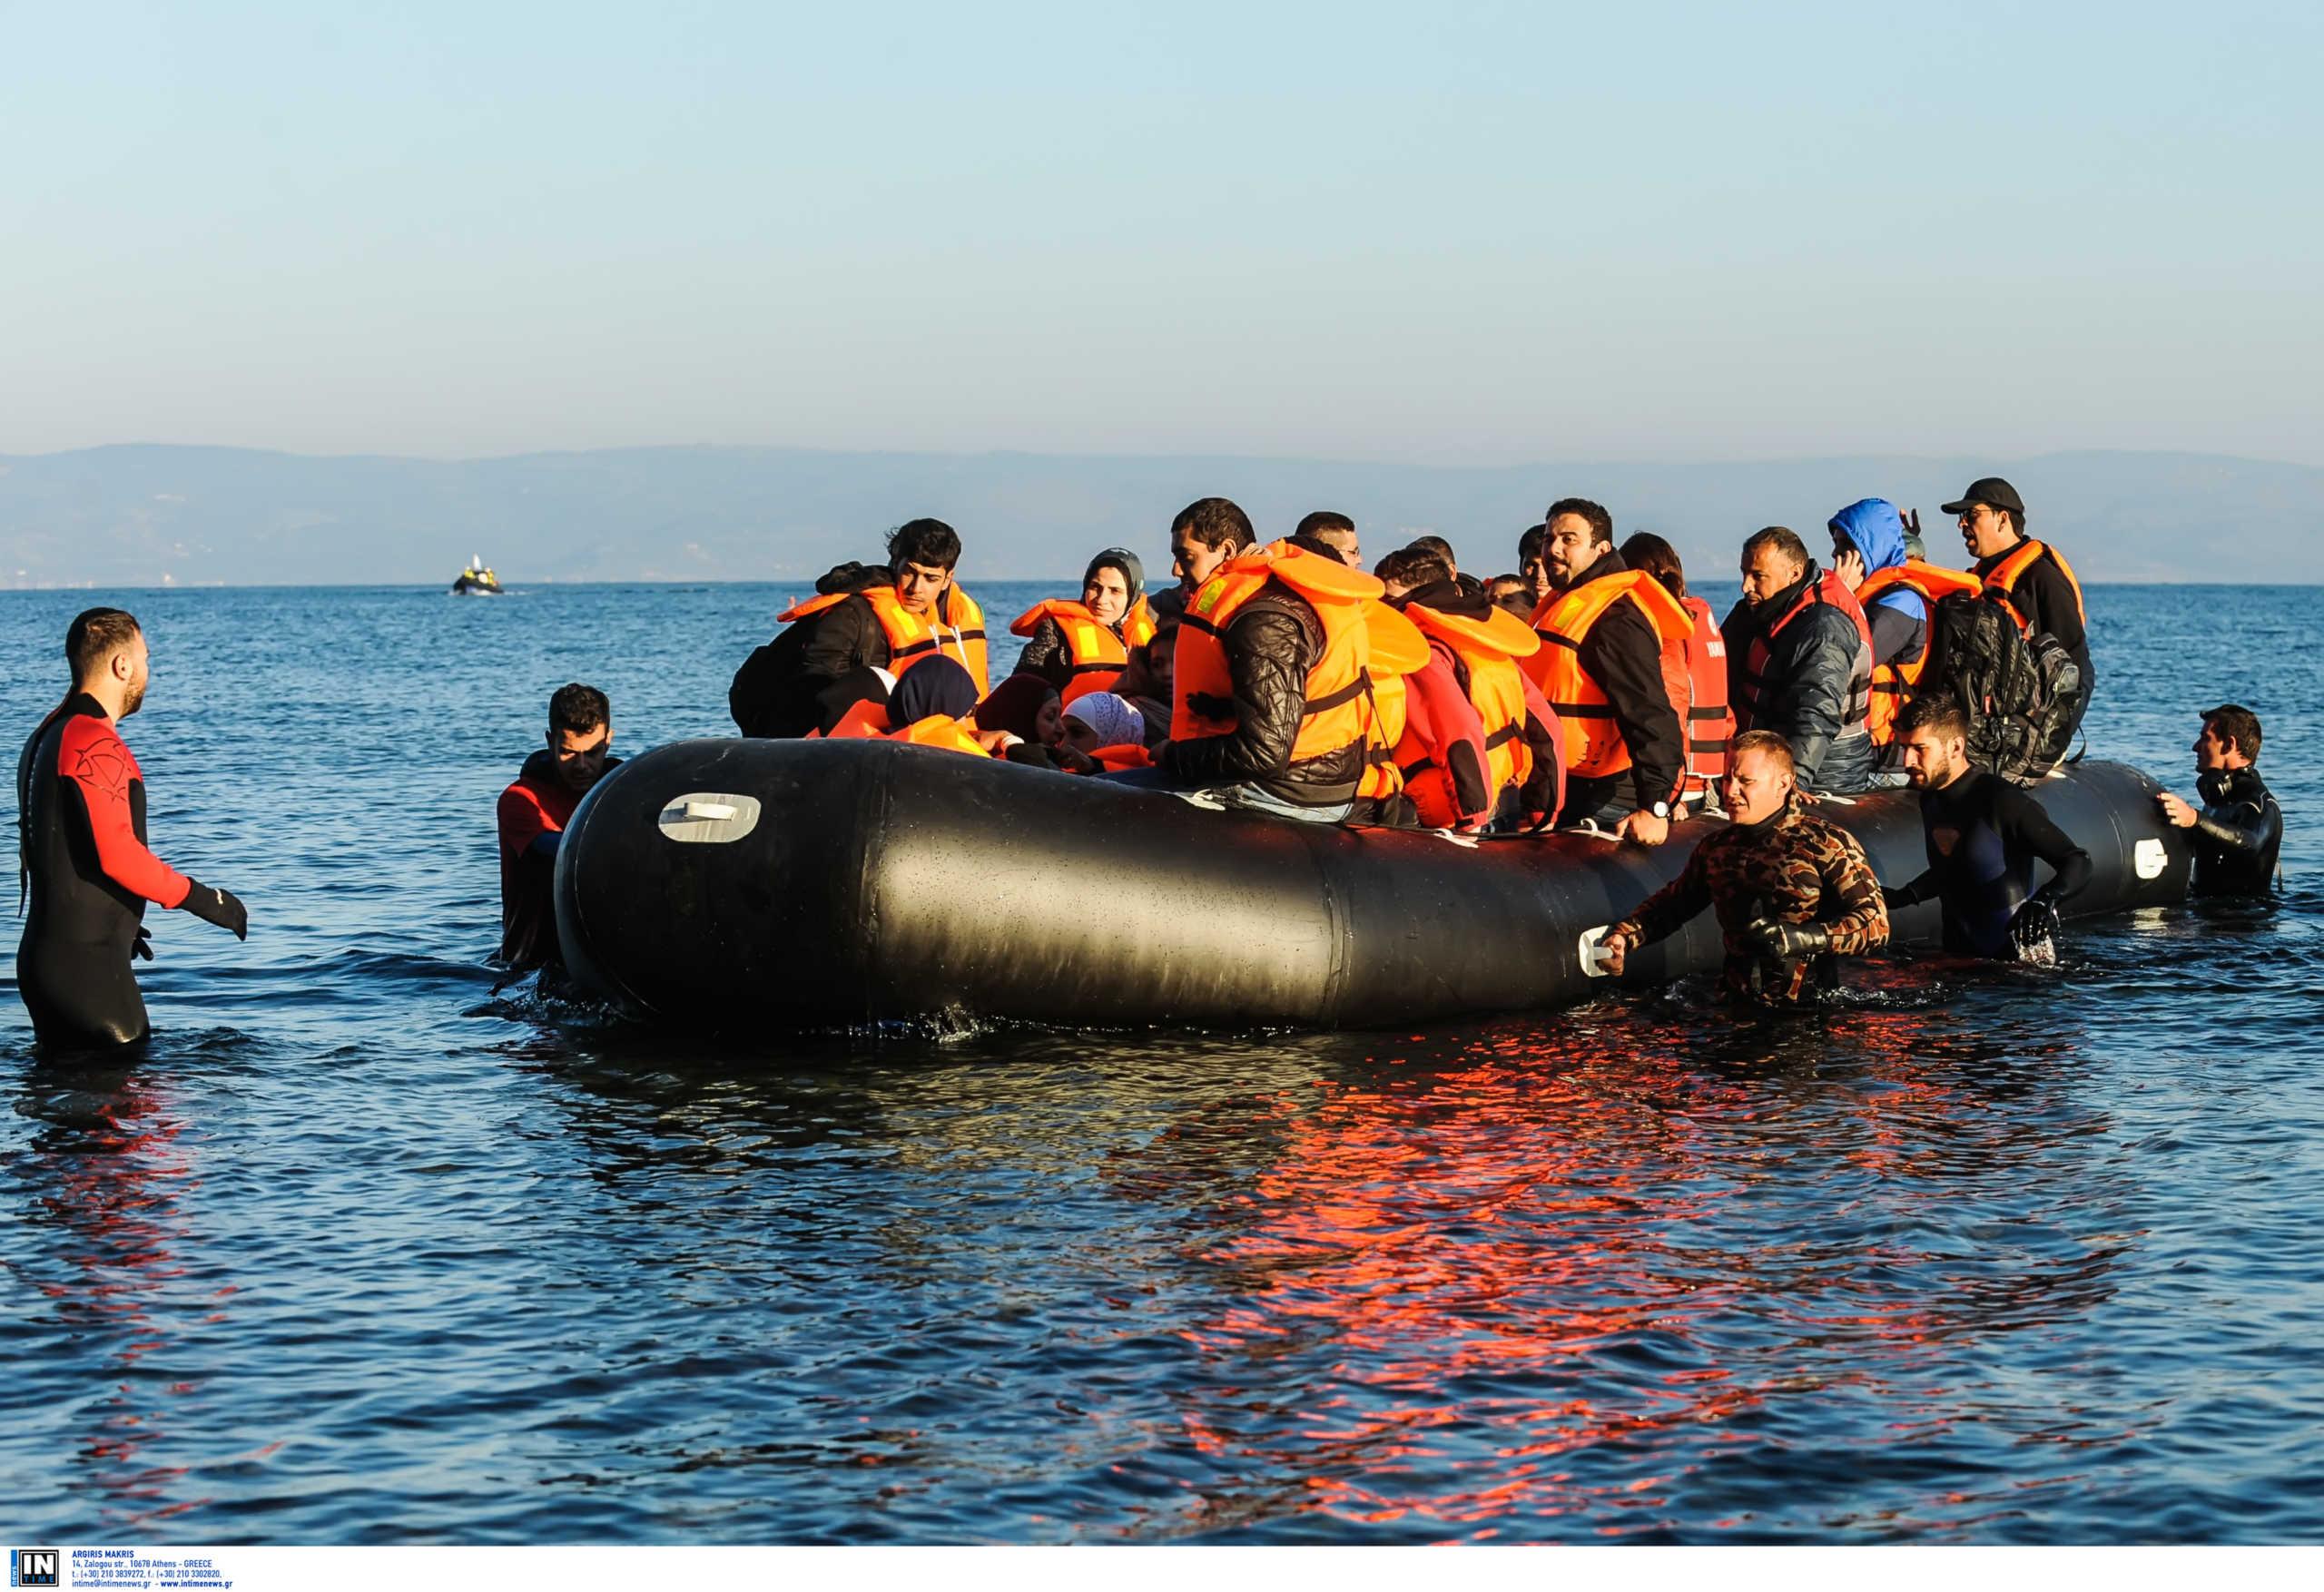 Ιταλία: Οι αρχές διέσωσαν 47 μετανάστες μετά από ανατροπή βάρκας